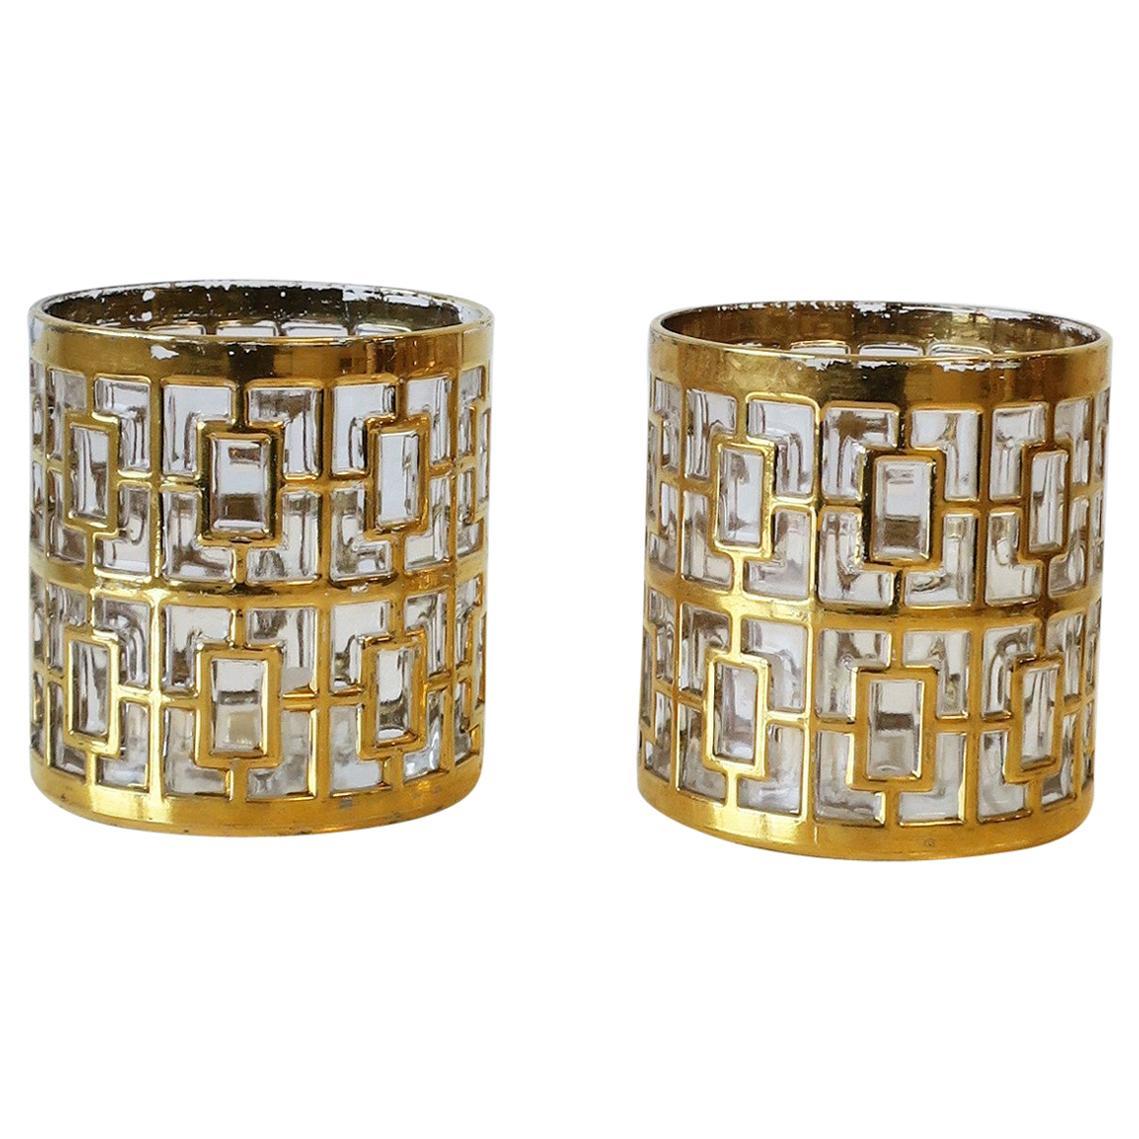 Vintage Cocktail Rocks' Glasses 22-Kt Gold, ca. 1960s, Set of 2